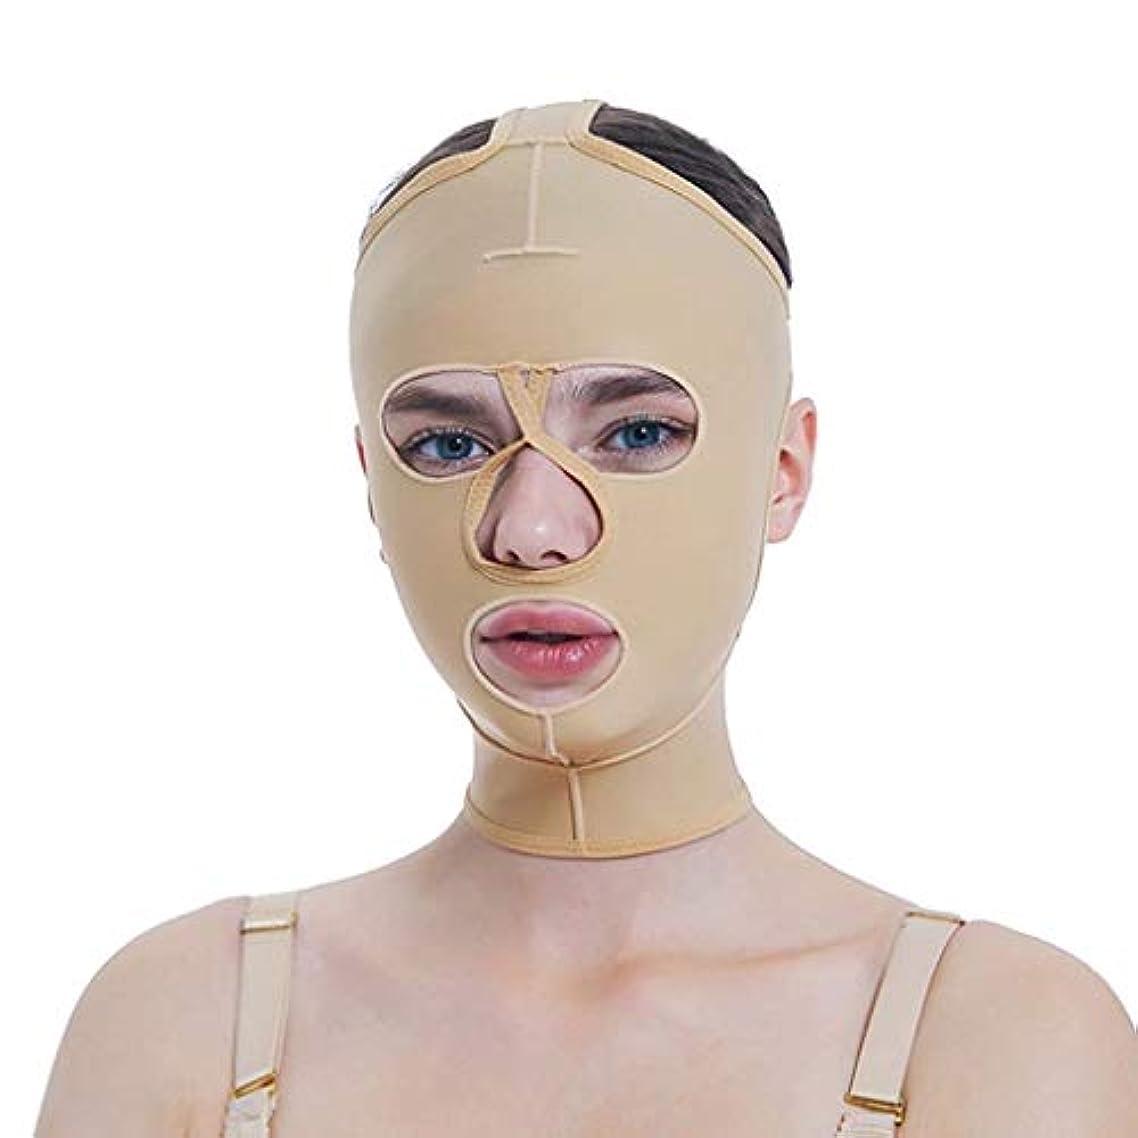 顕微鏡虚弱ベッドを作る脂肪吸引術用成形マスク、薄手かつらVフェイスビームフェイス弾性スリーブマルチサイズオプション(サイズ:S)